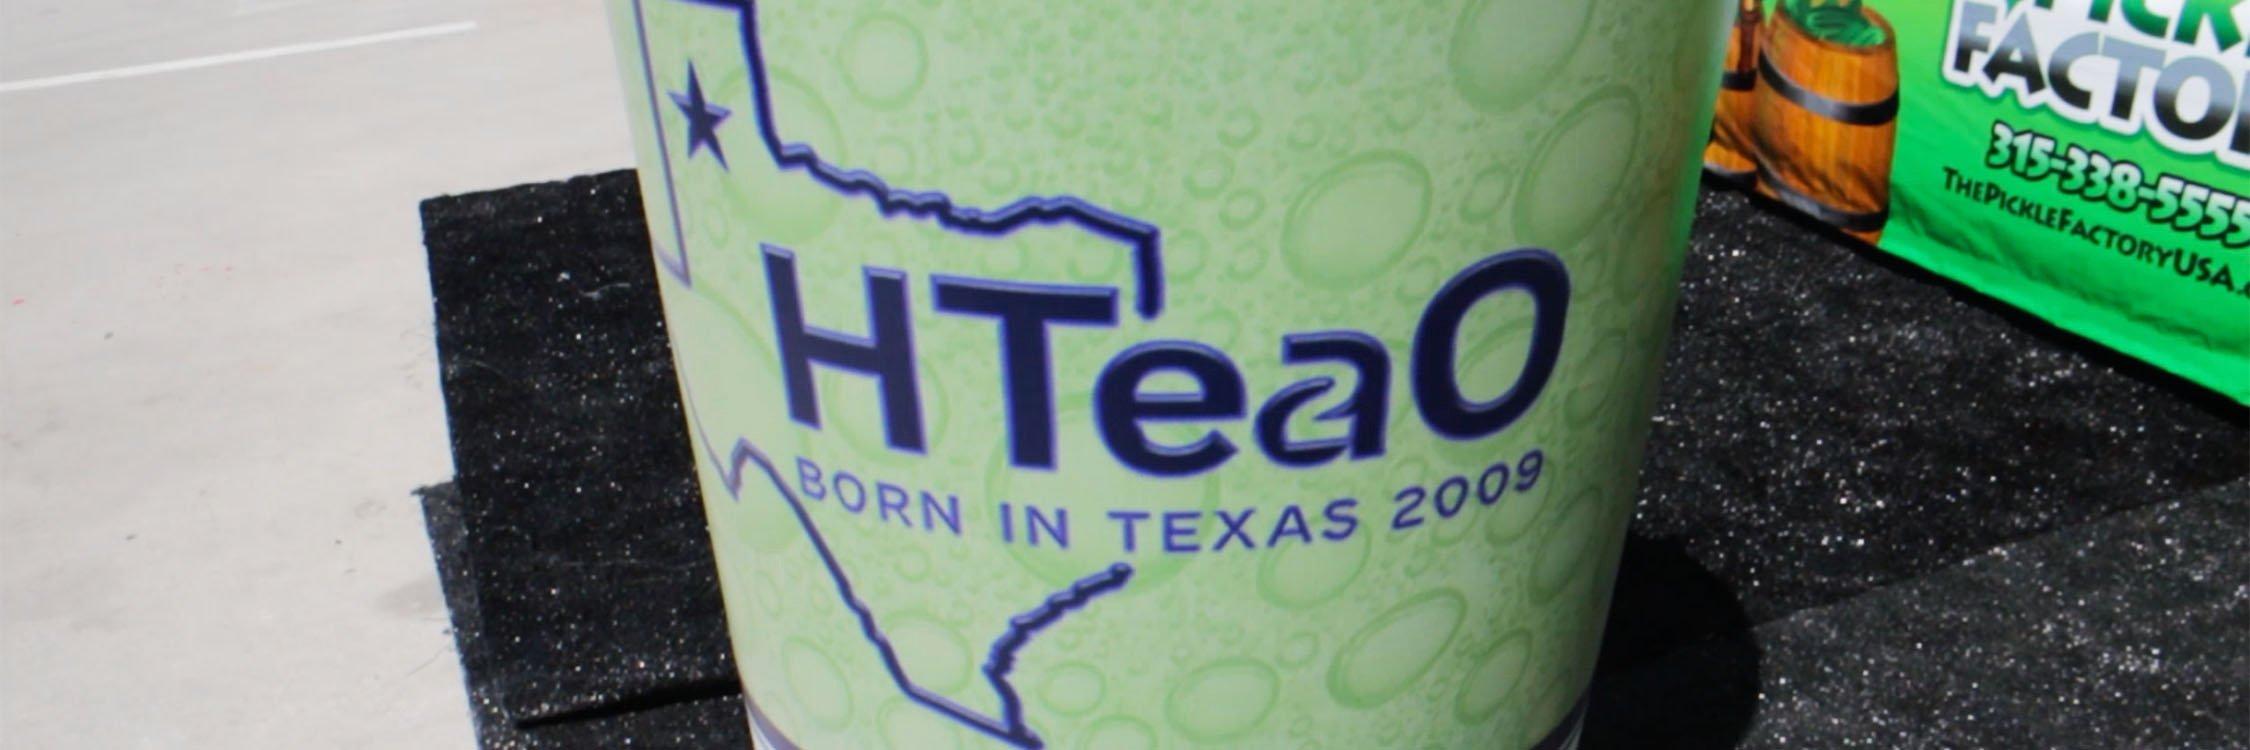 h-tea-o-cup-inflatable-replica